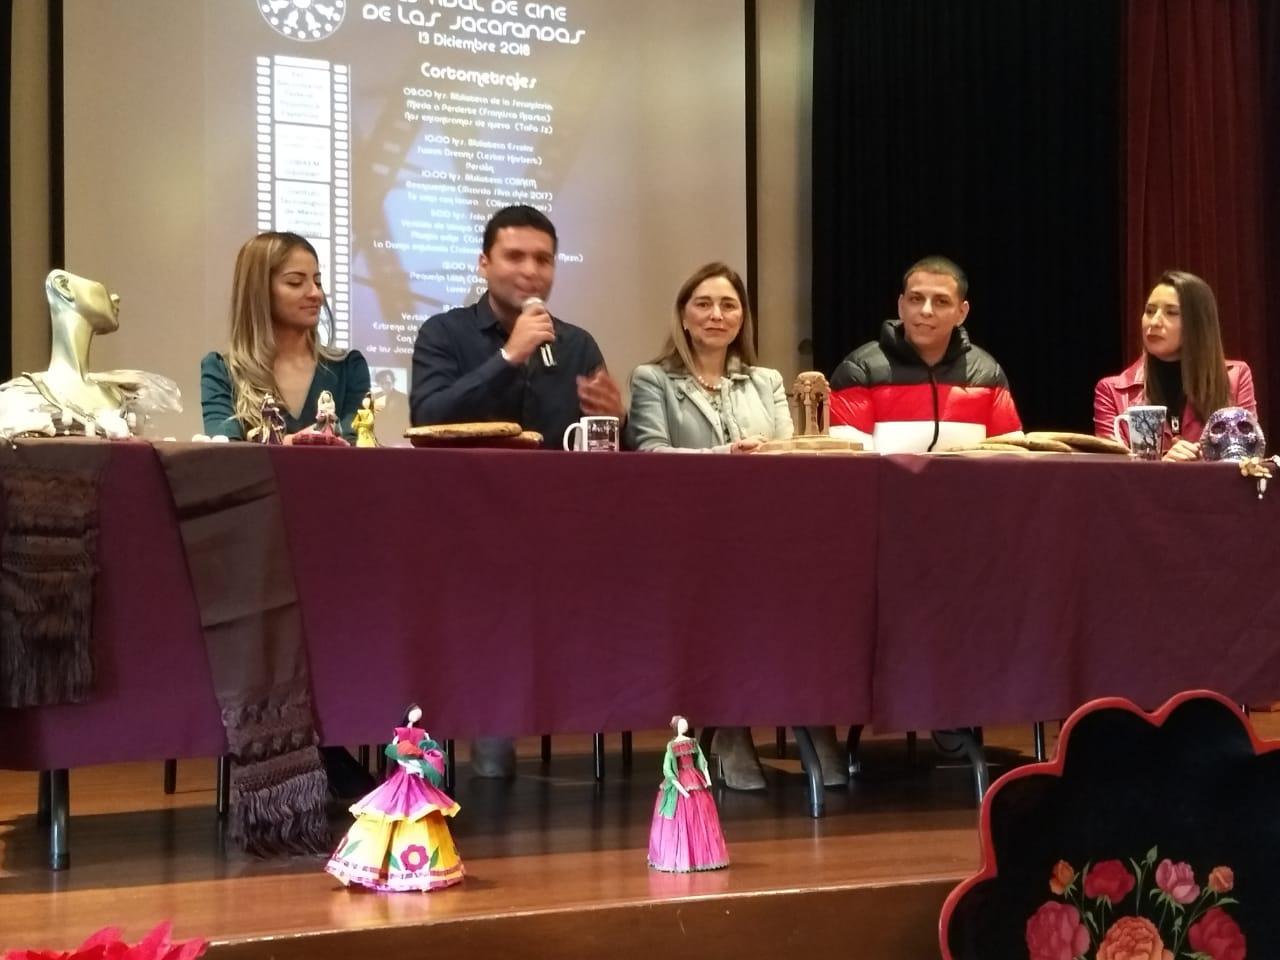 Jiquilpan presentará la primer edición del Festival de Cine de las Jacarandas